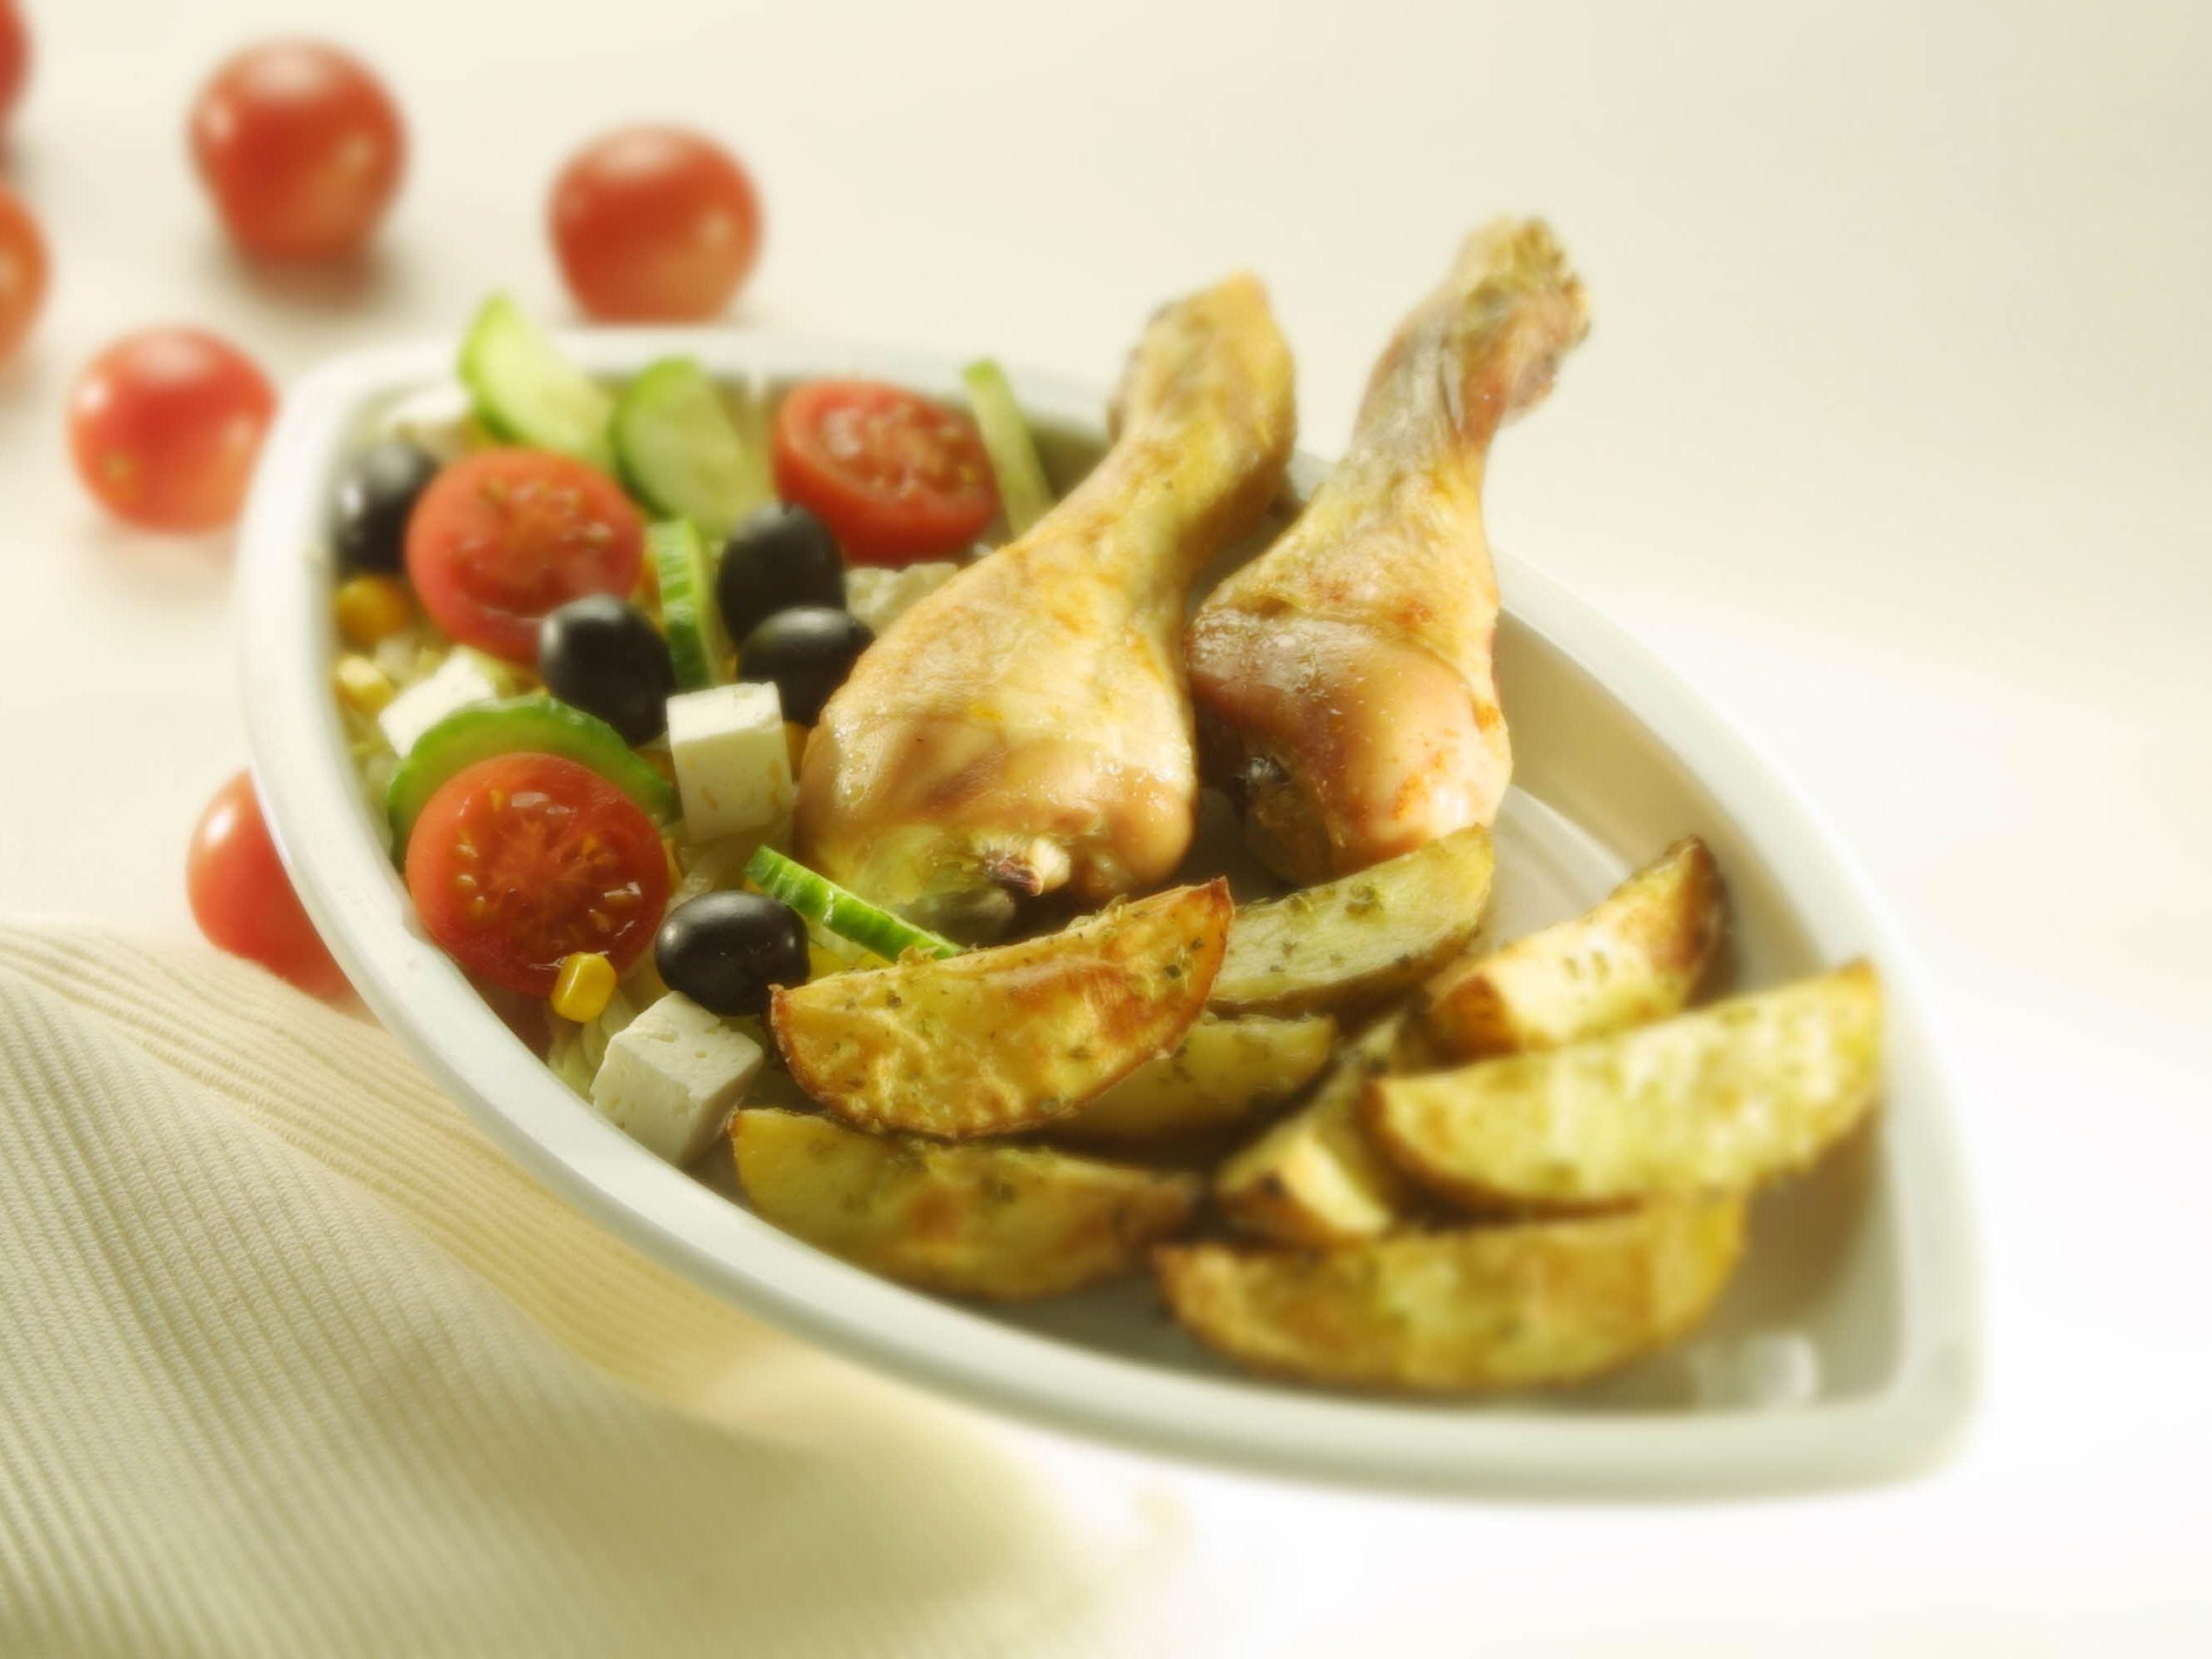 Kyllingelår med grovfritter